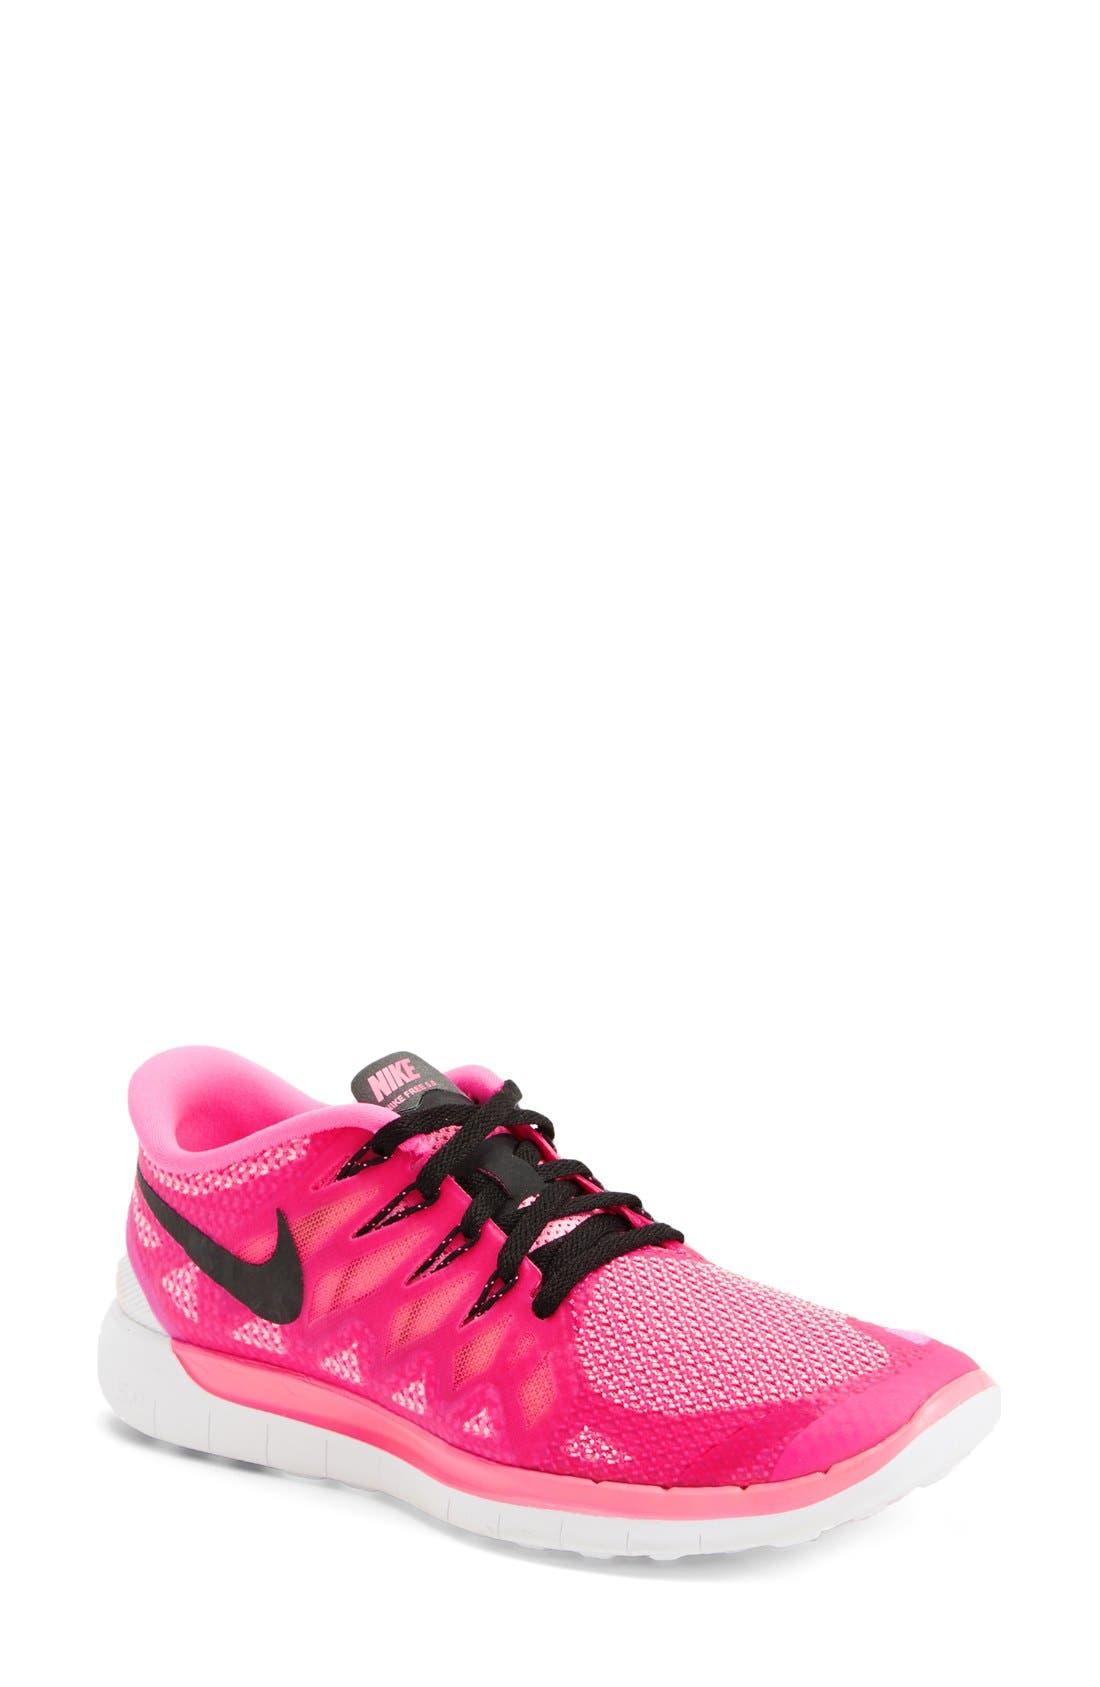 Alternate Image 1 Selected - Nike 'Free 5.0 14' Running Shoe (Women)